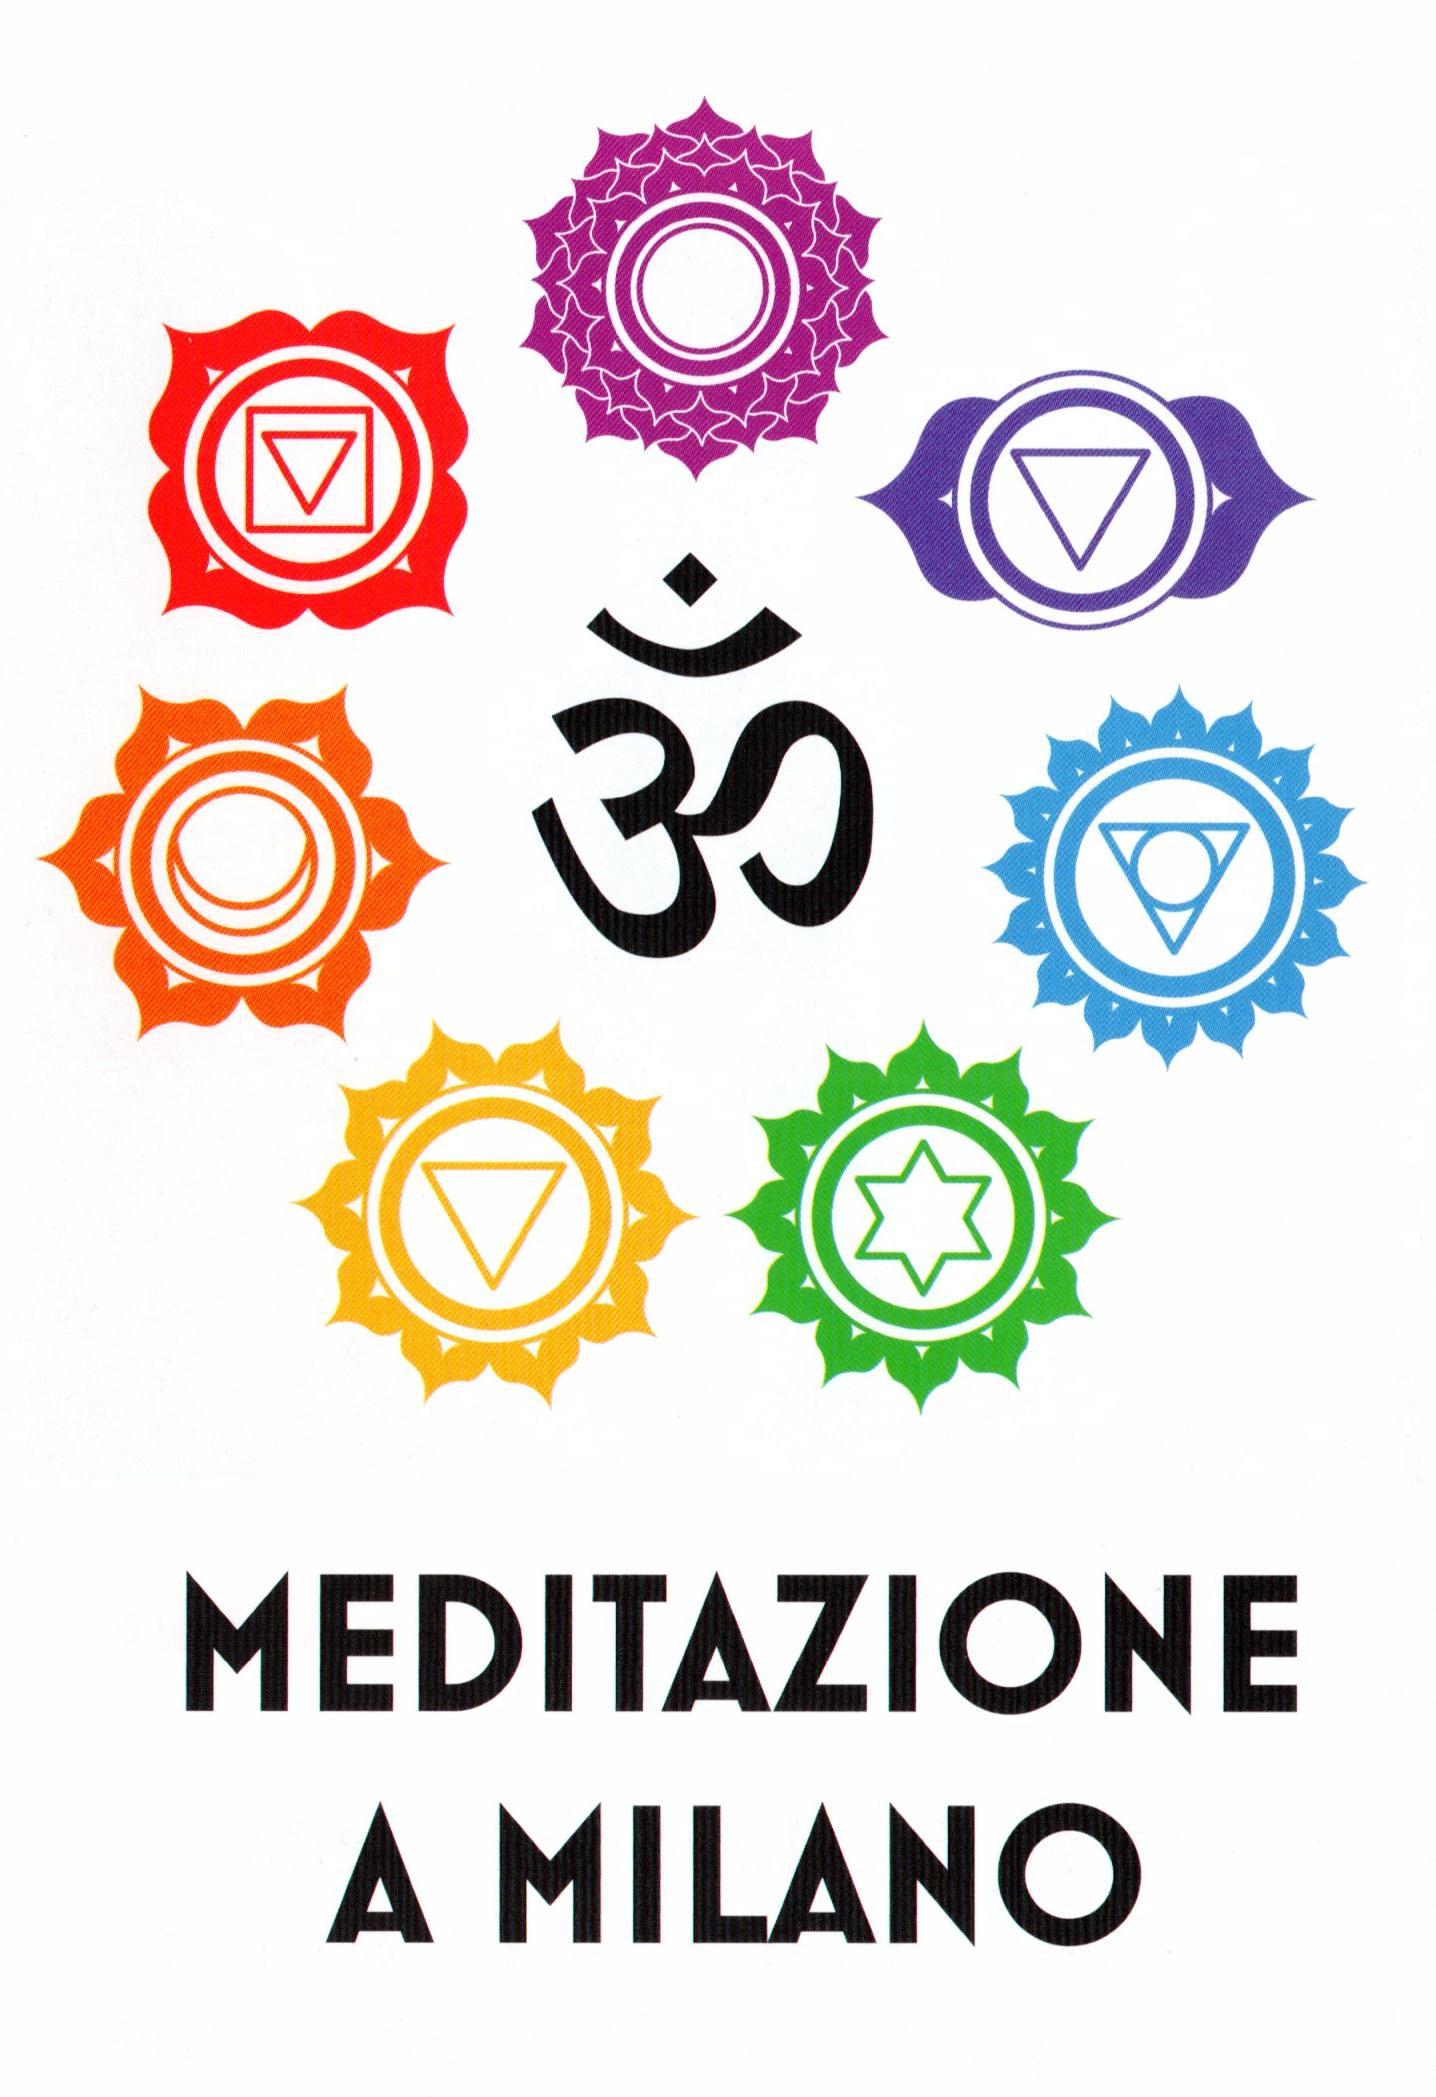 Meditazione a Milano